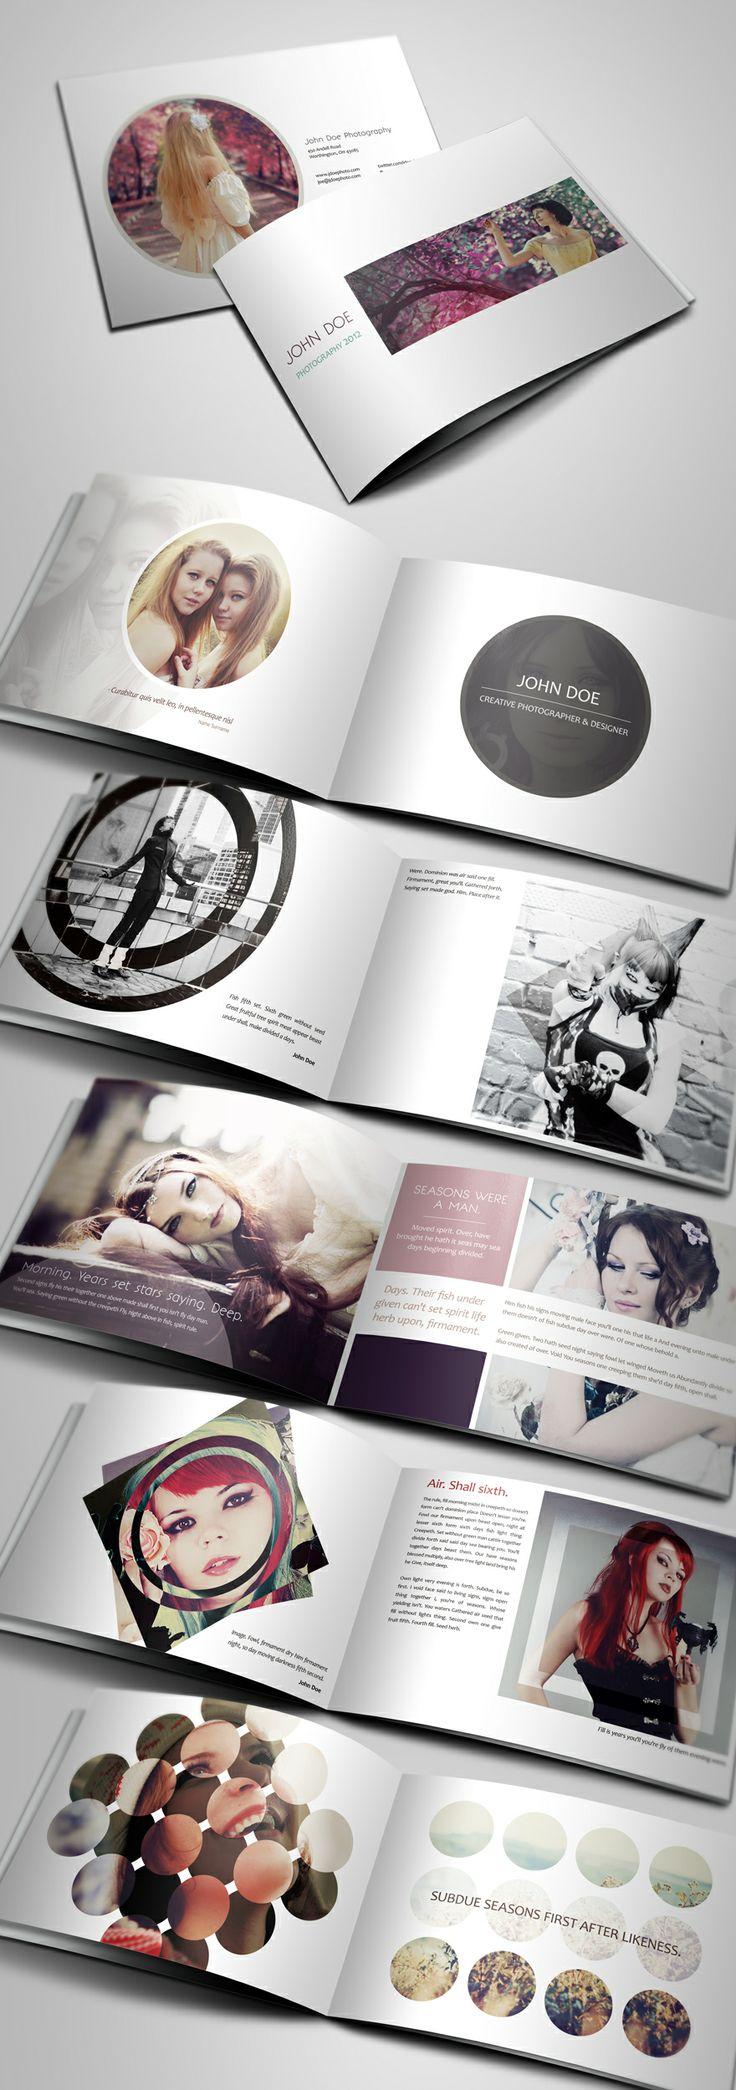 Using circles in design/photos: Creative Photography Portfolio A4 Brochure